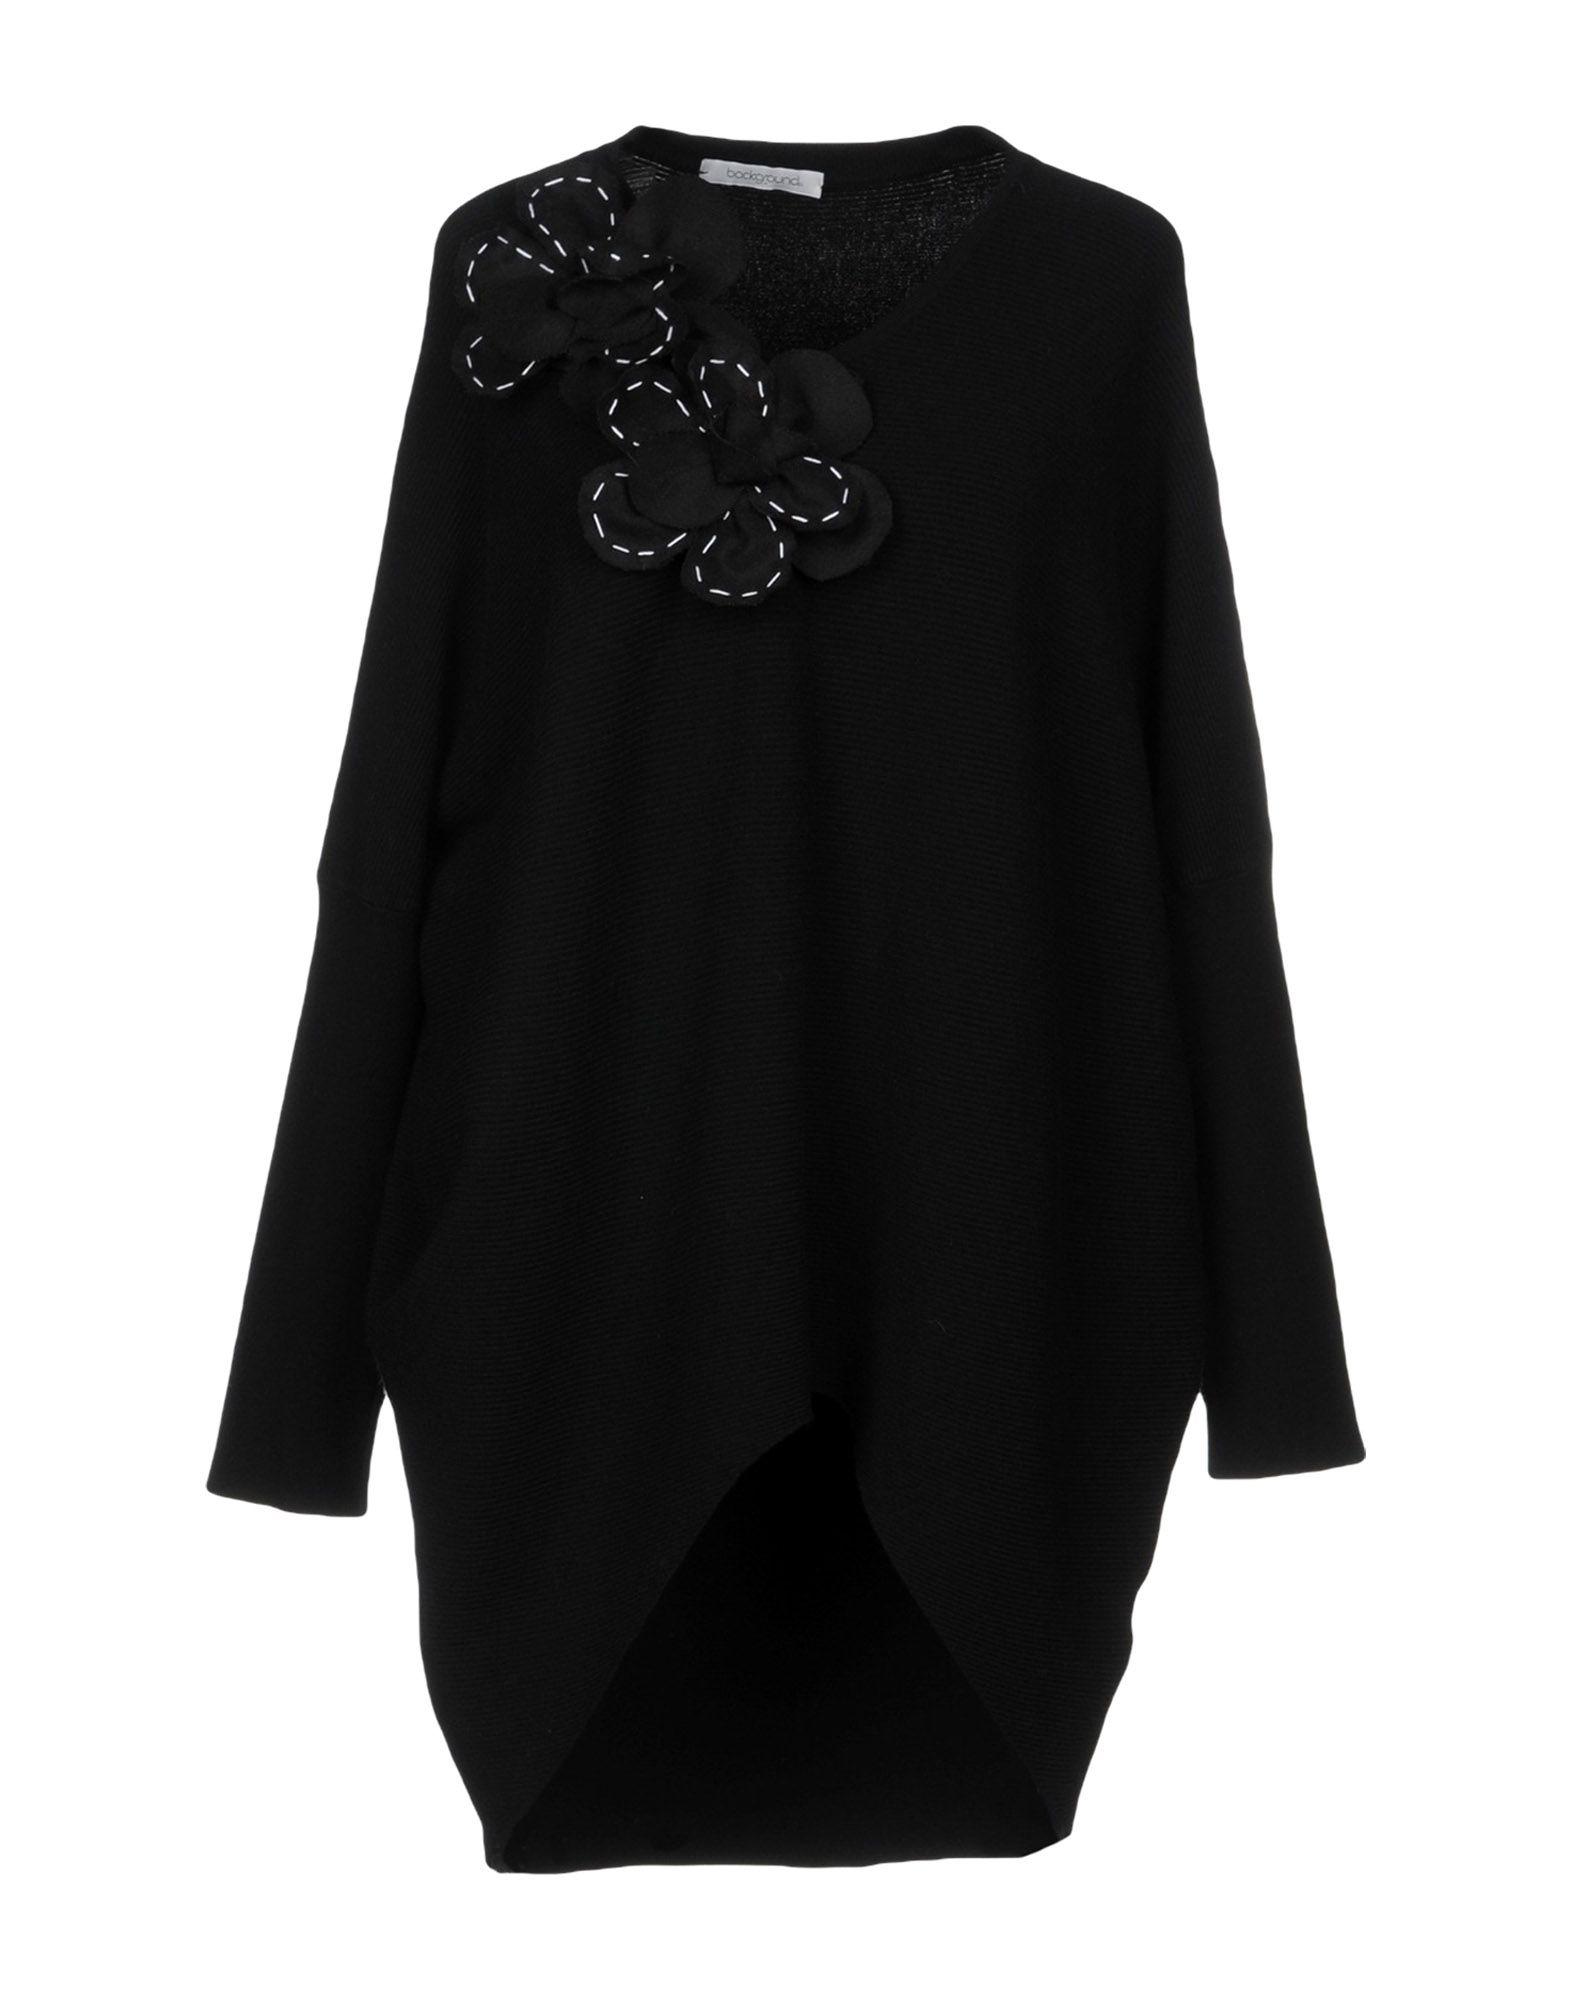 Pullover Background Donna - Acquista online su KWJLWe